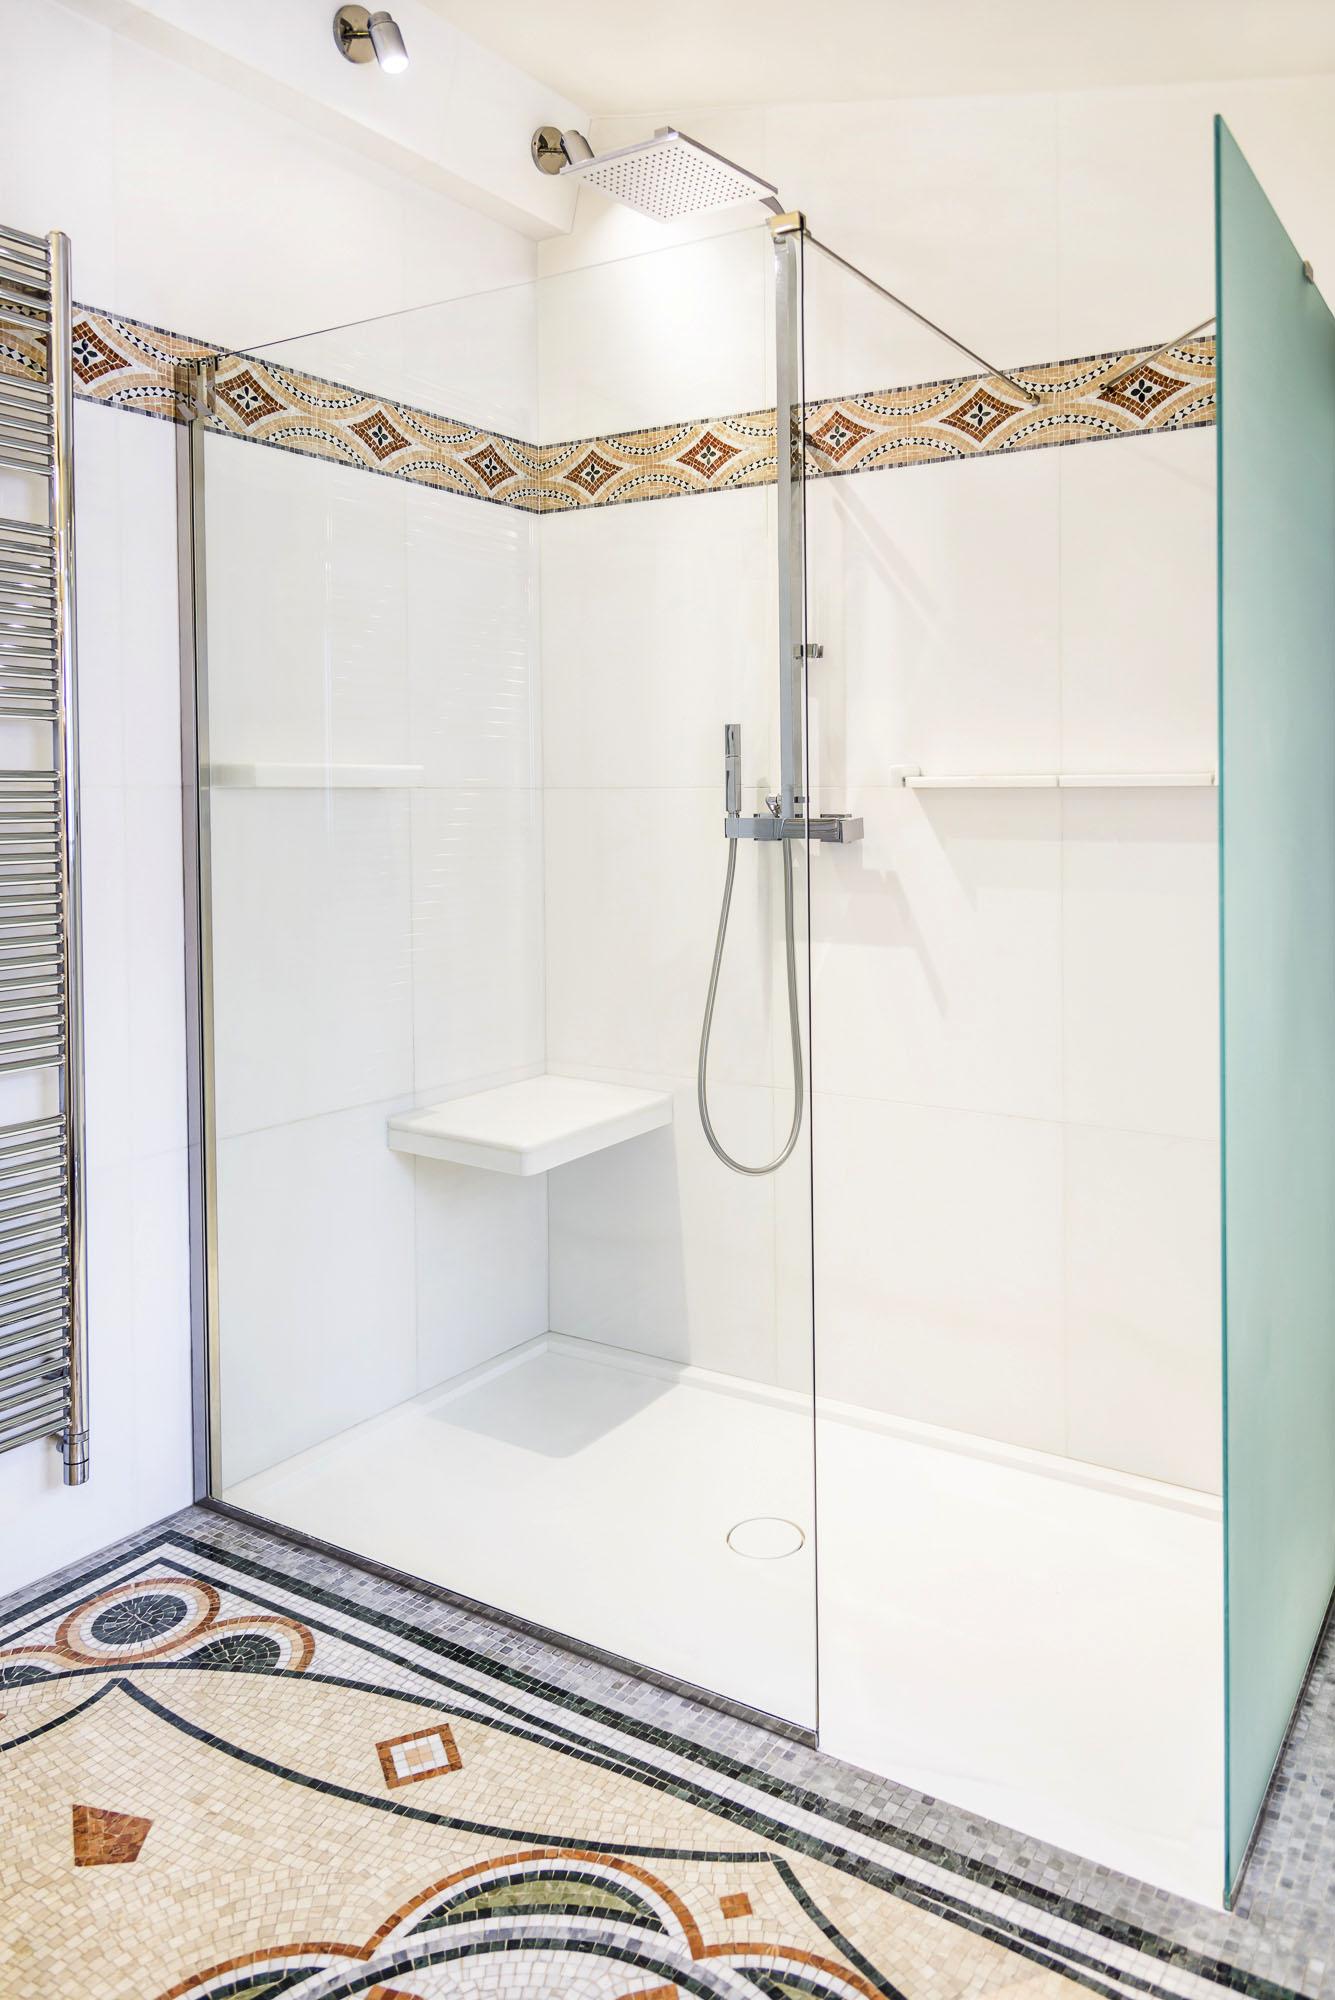 Salle de bain viii atelier saint marceaux for Salle de bain 9 m2